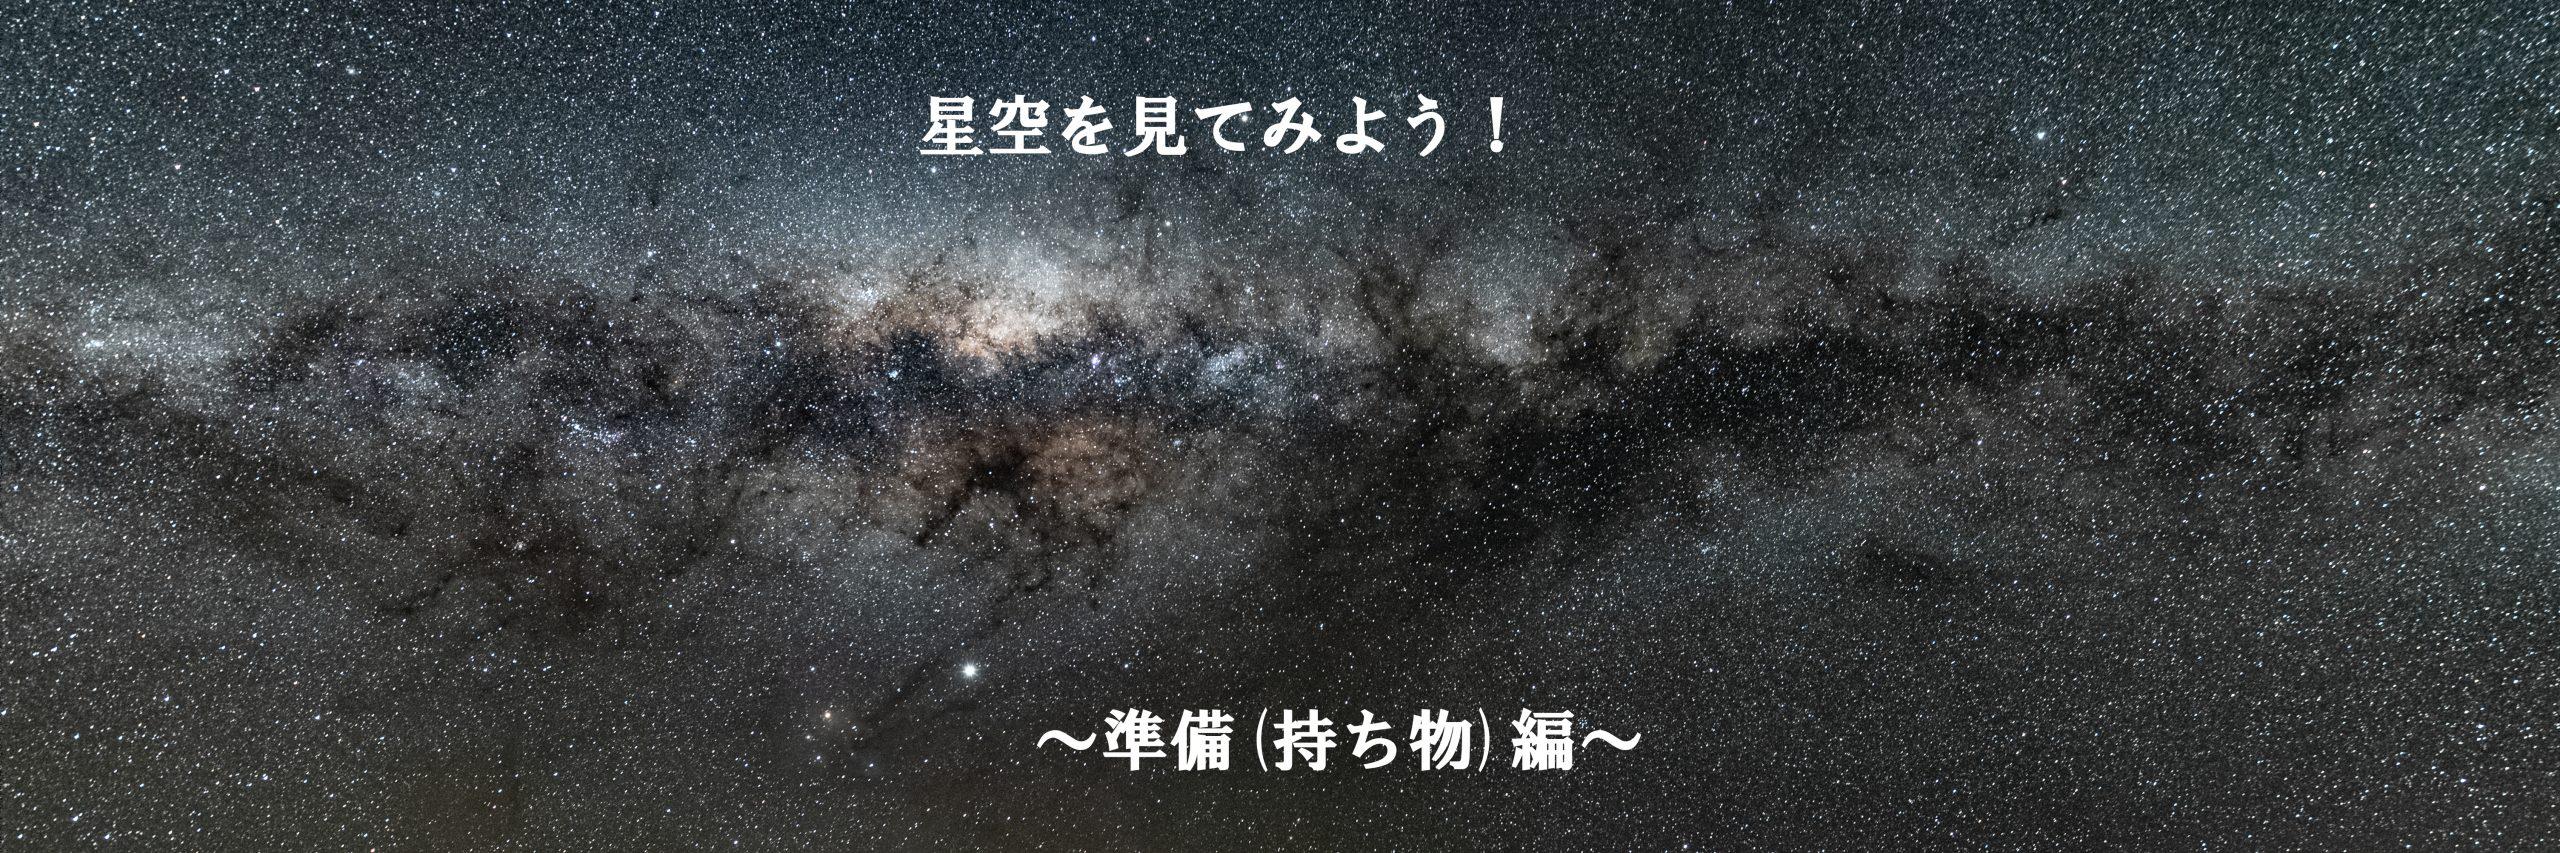 星空を見てみよう!!~準備編~